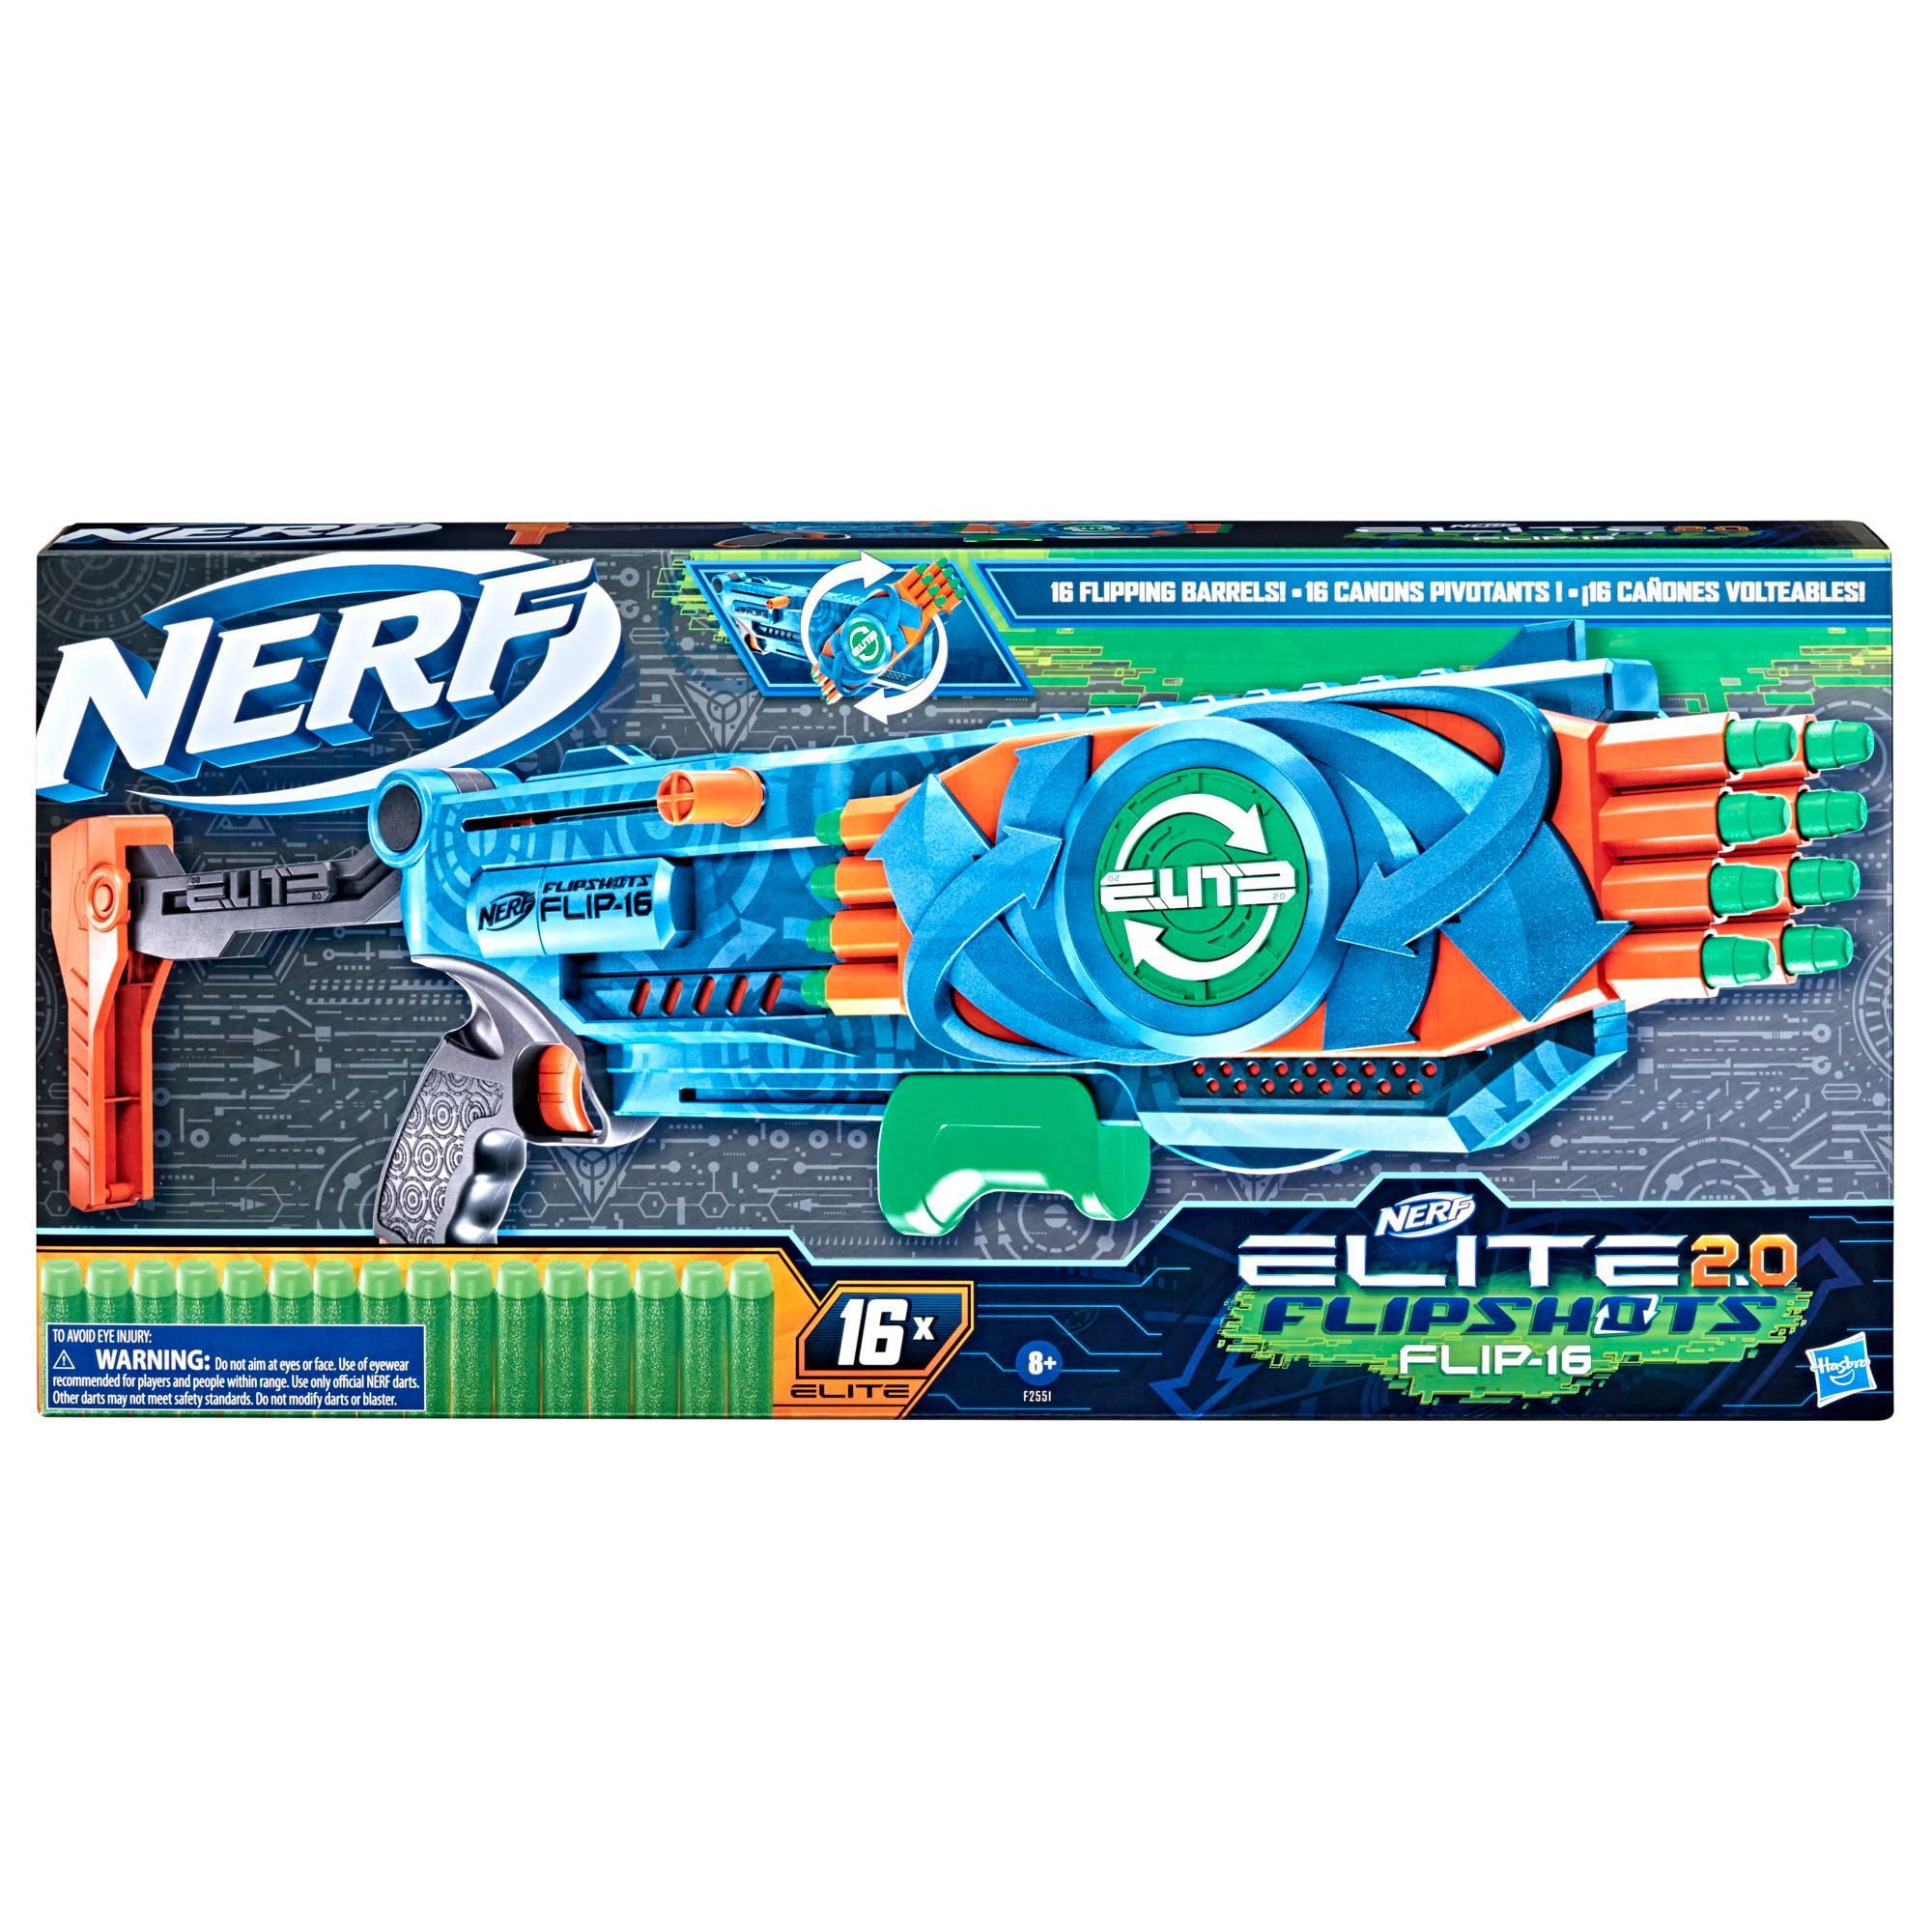 Nerf Elite 2.0, blaster Flipshots Flip-16, 2 fois 8 canons pivotants, capacité de 16 fléchettes, inclut 16 fléchettes